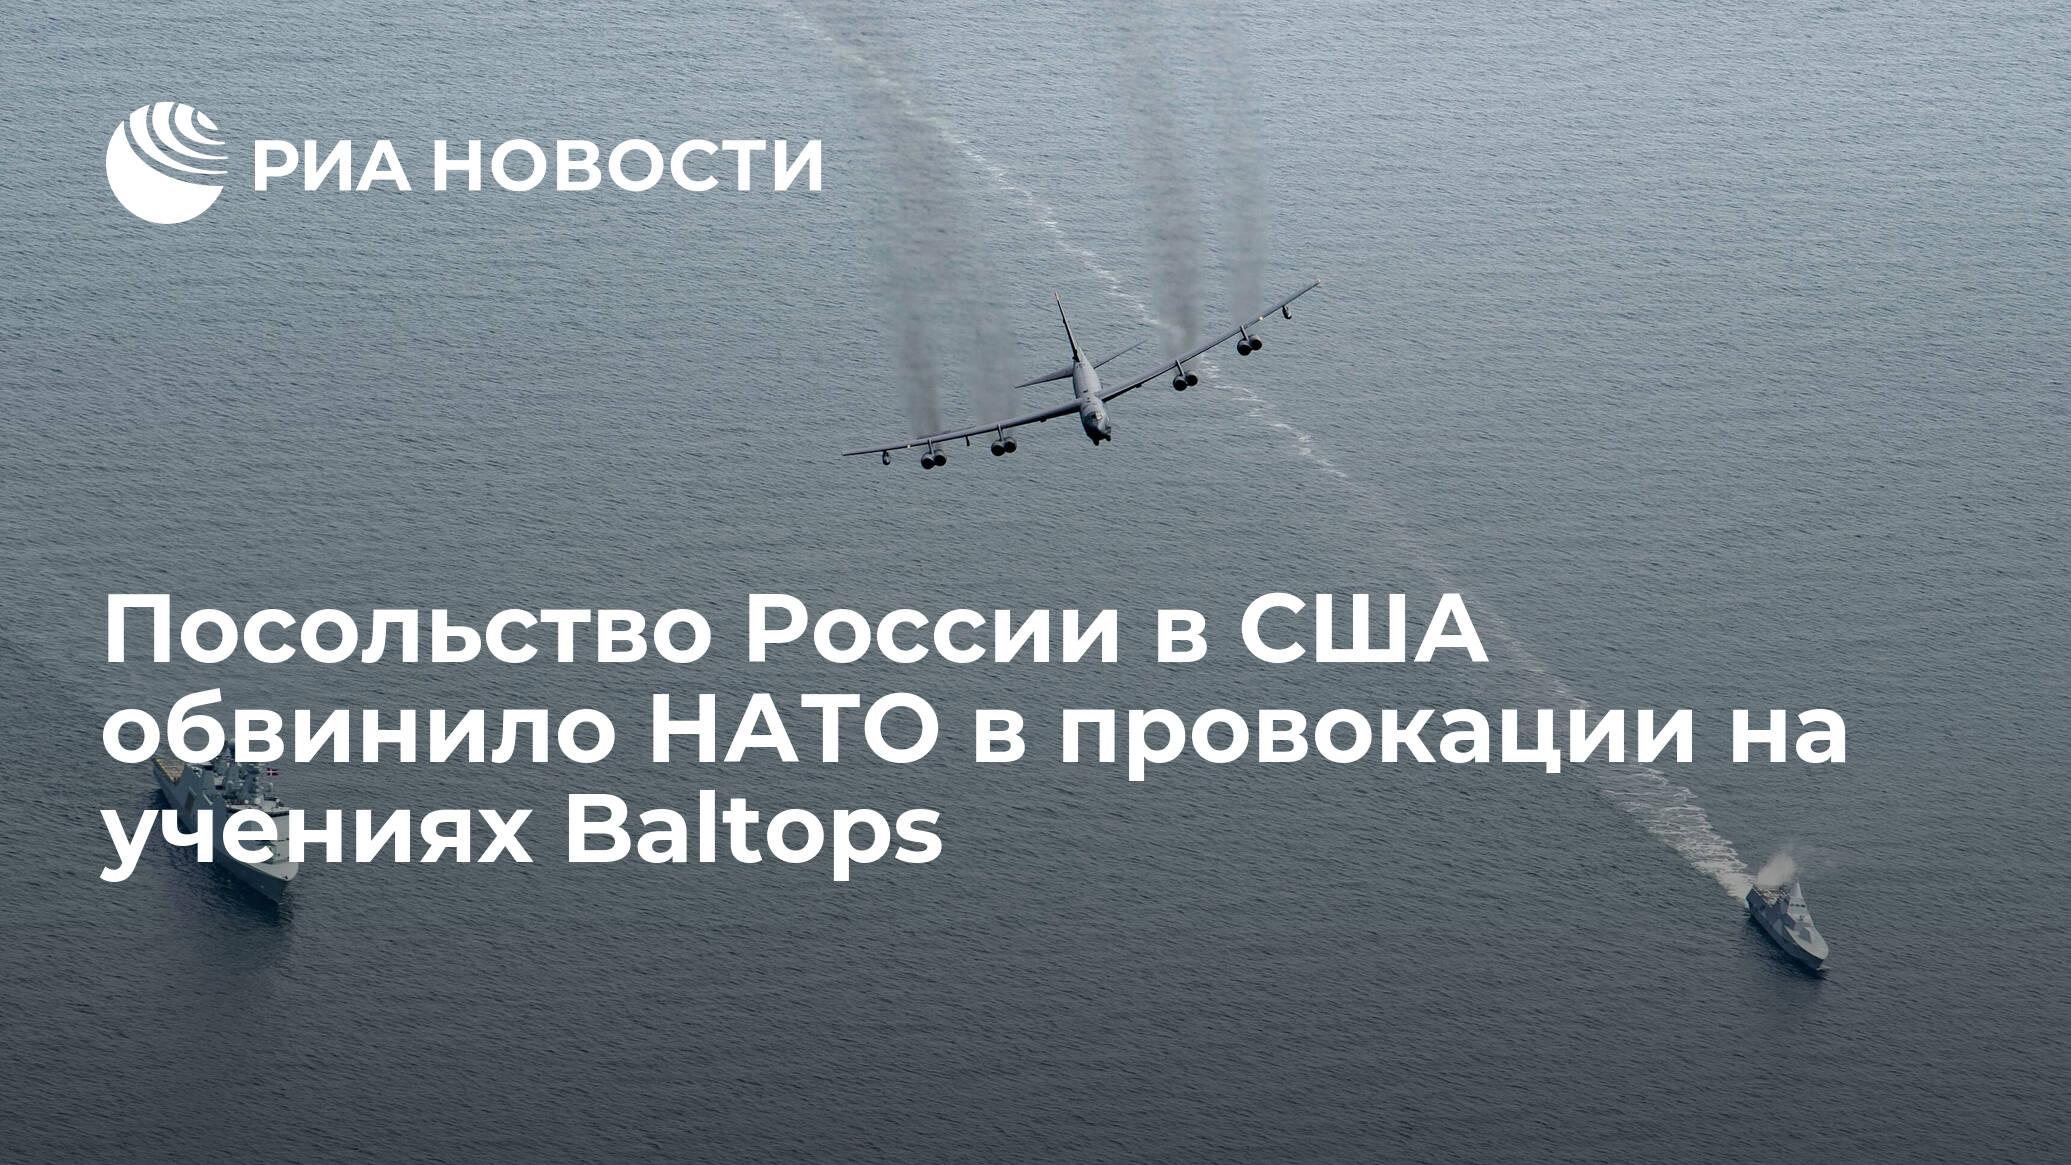 Посольство России обвинило НАТО в провокации на учениях Baltops